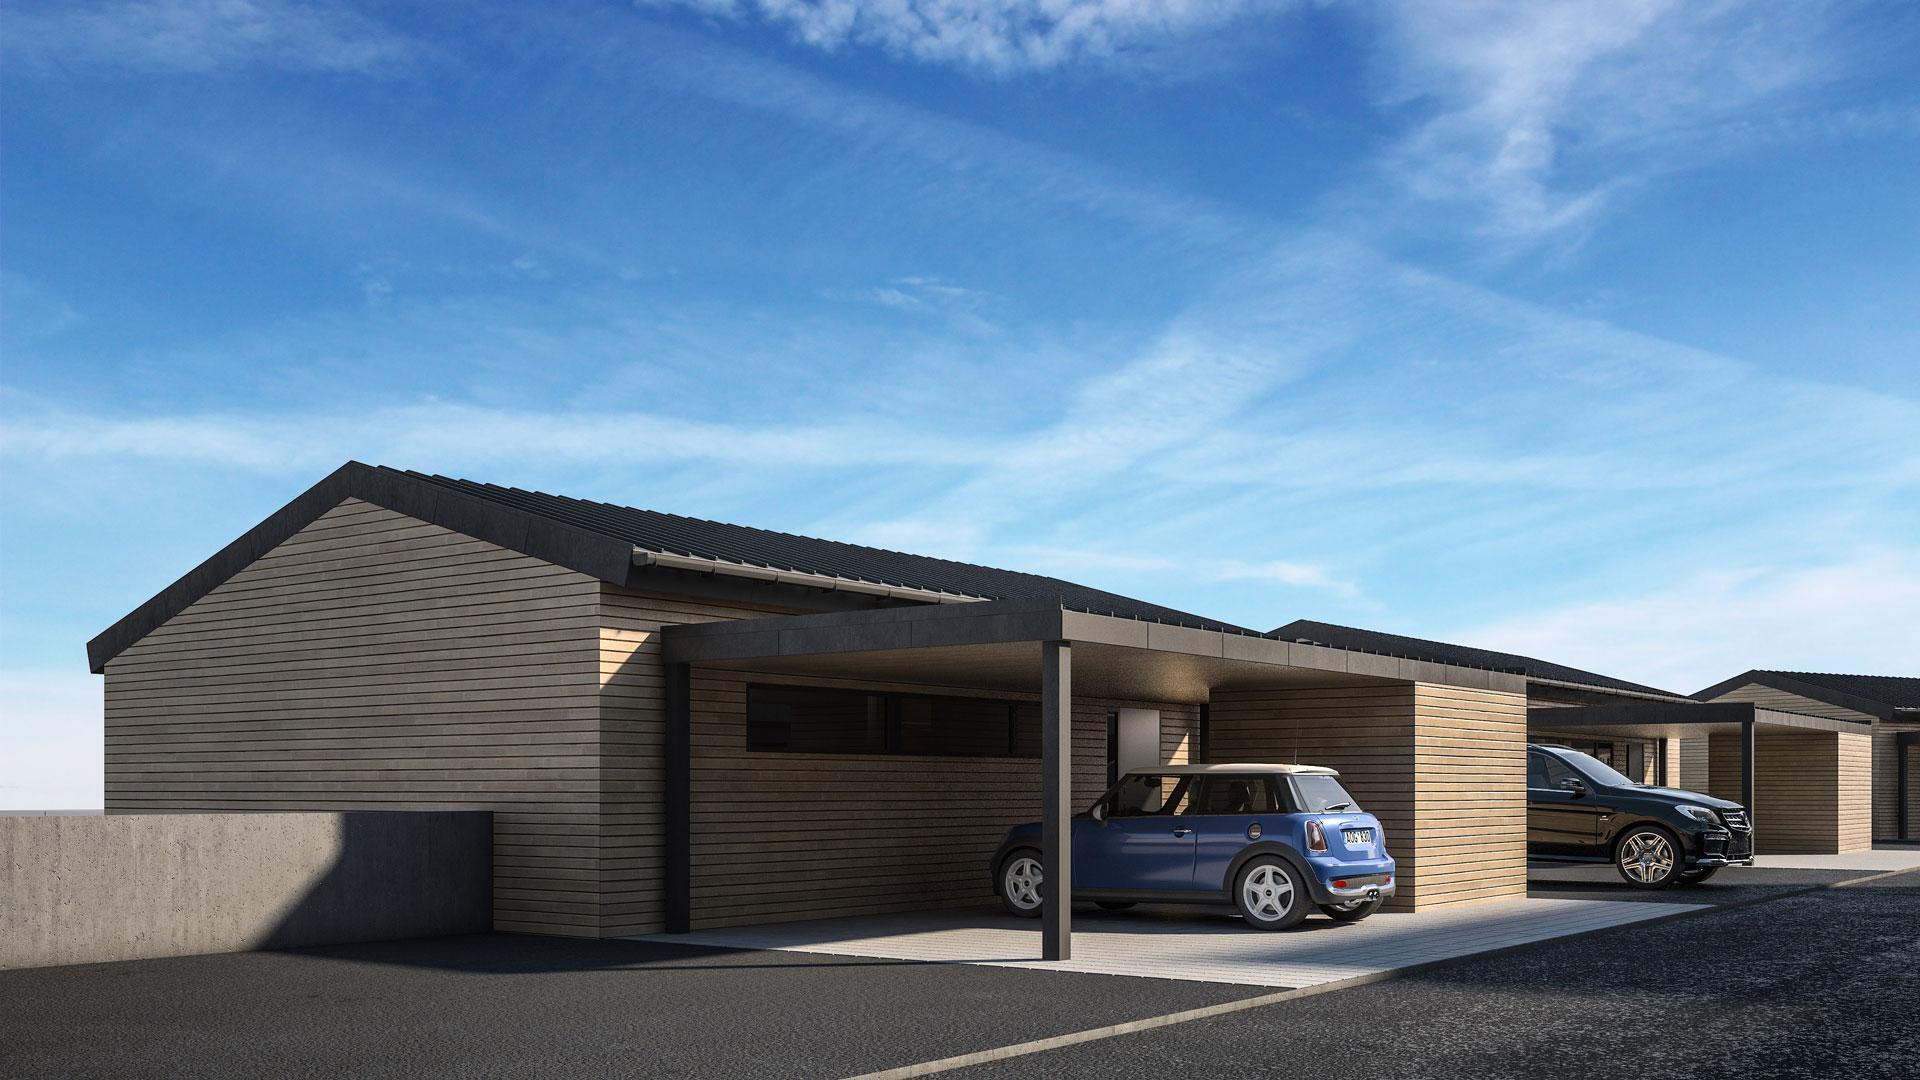 C3 Concept, visualisation 3D à Bulle. villas Le Bry extérieurs